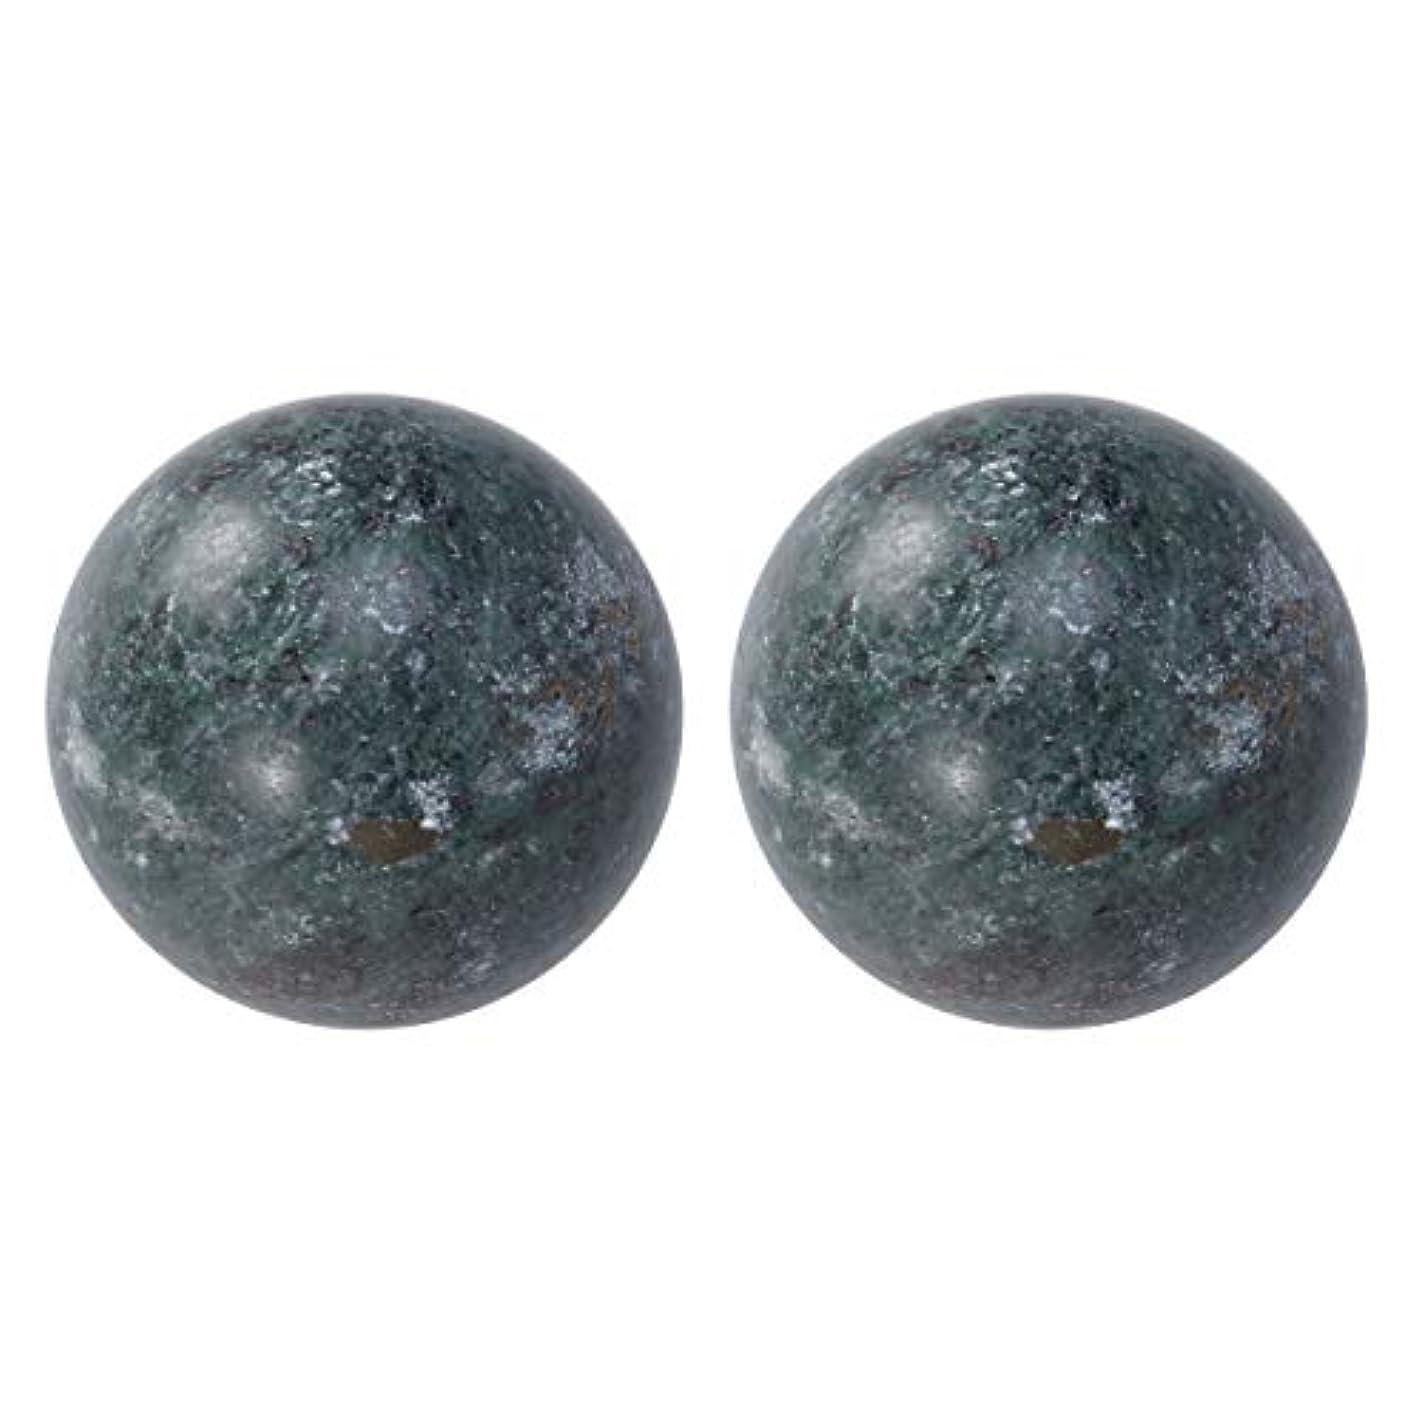 静かなシソーラスゴシップROSENICE ジェイドハンドボールエクササイズボールストレスレリーフ2個(ブラック)